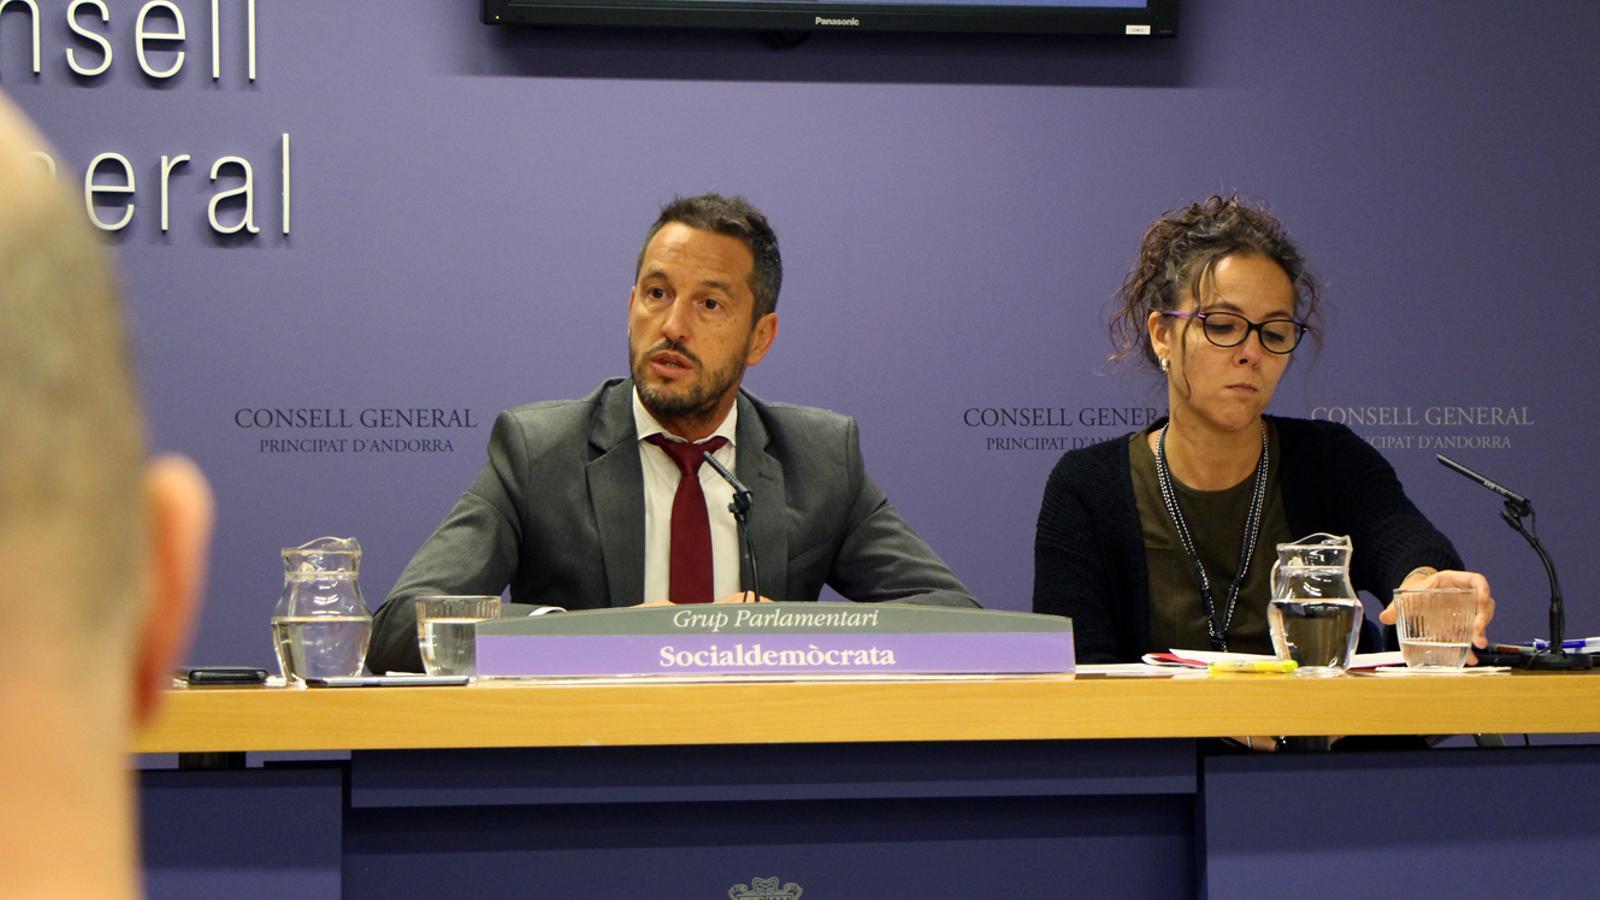 Els consellers generals del partit socialdemòcrata, Pere López i Judith Salazar. / M. P.